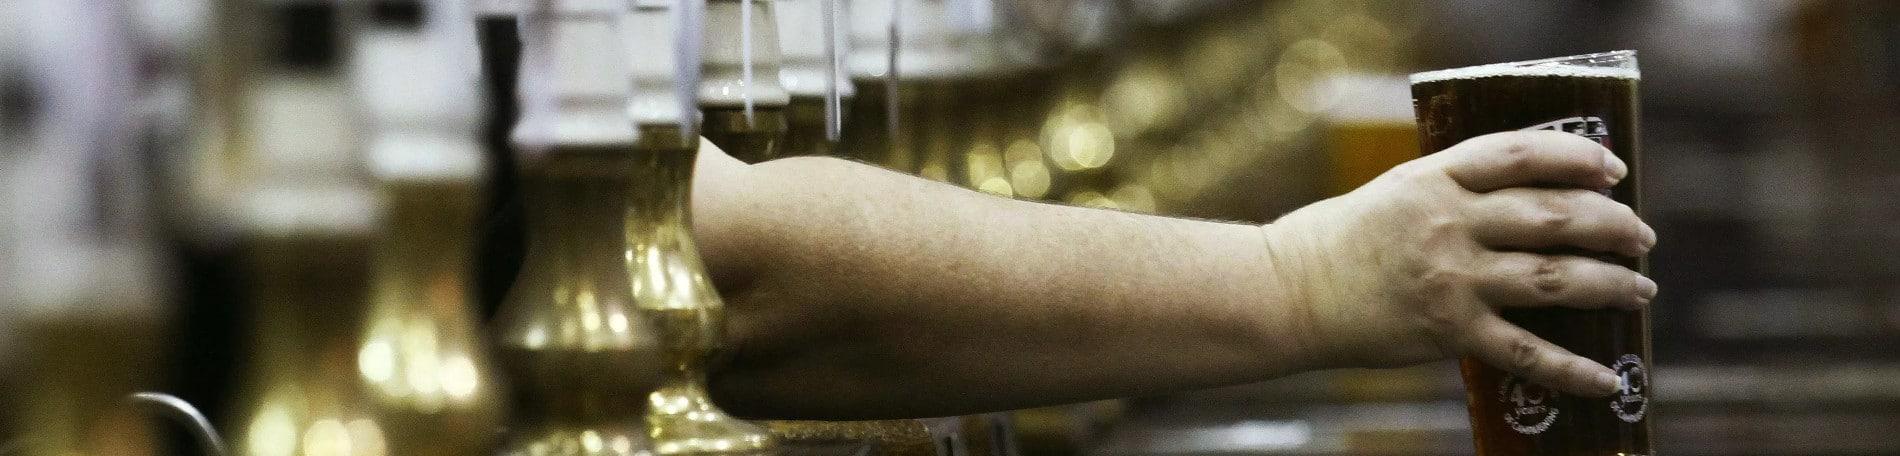 CAMRA names its top 16 pubs